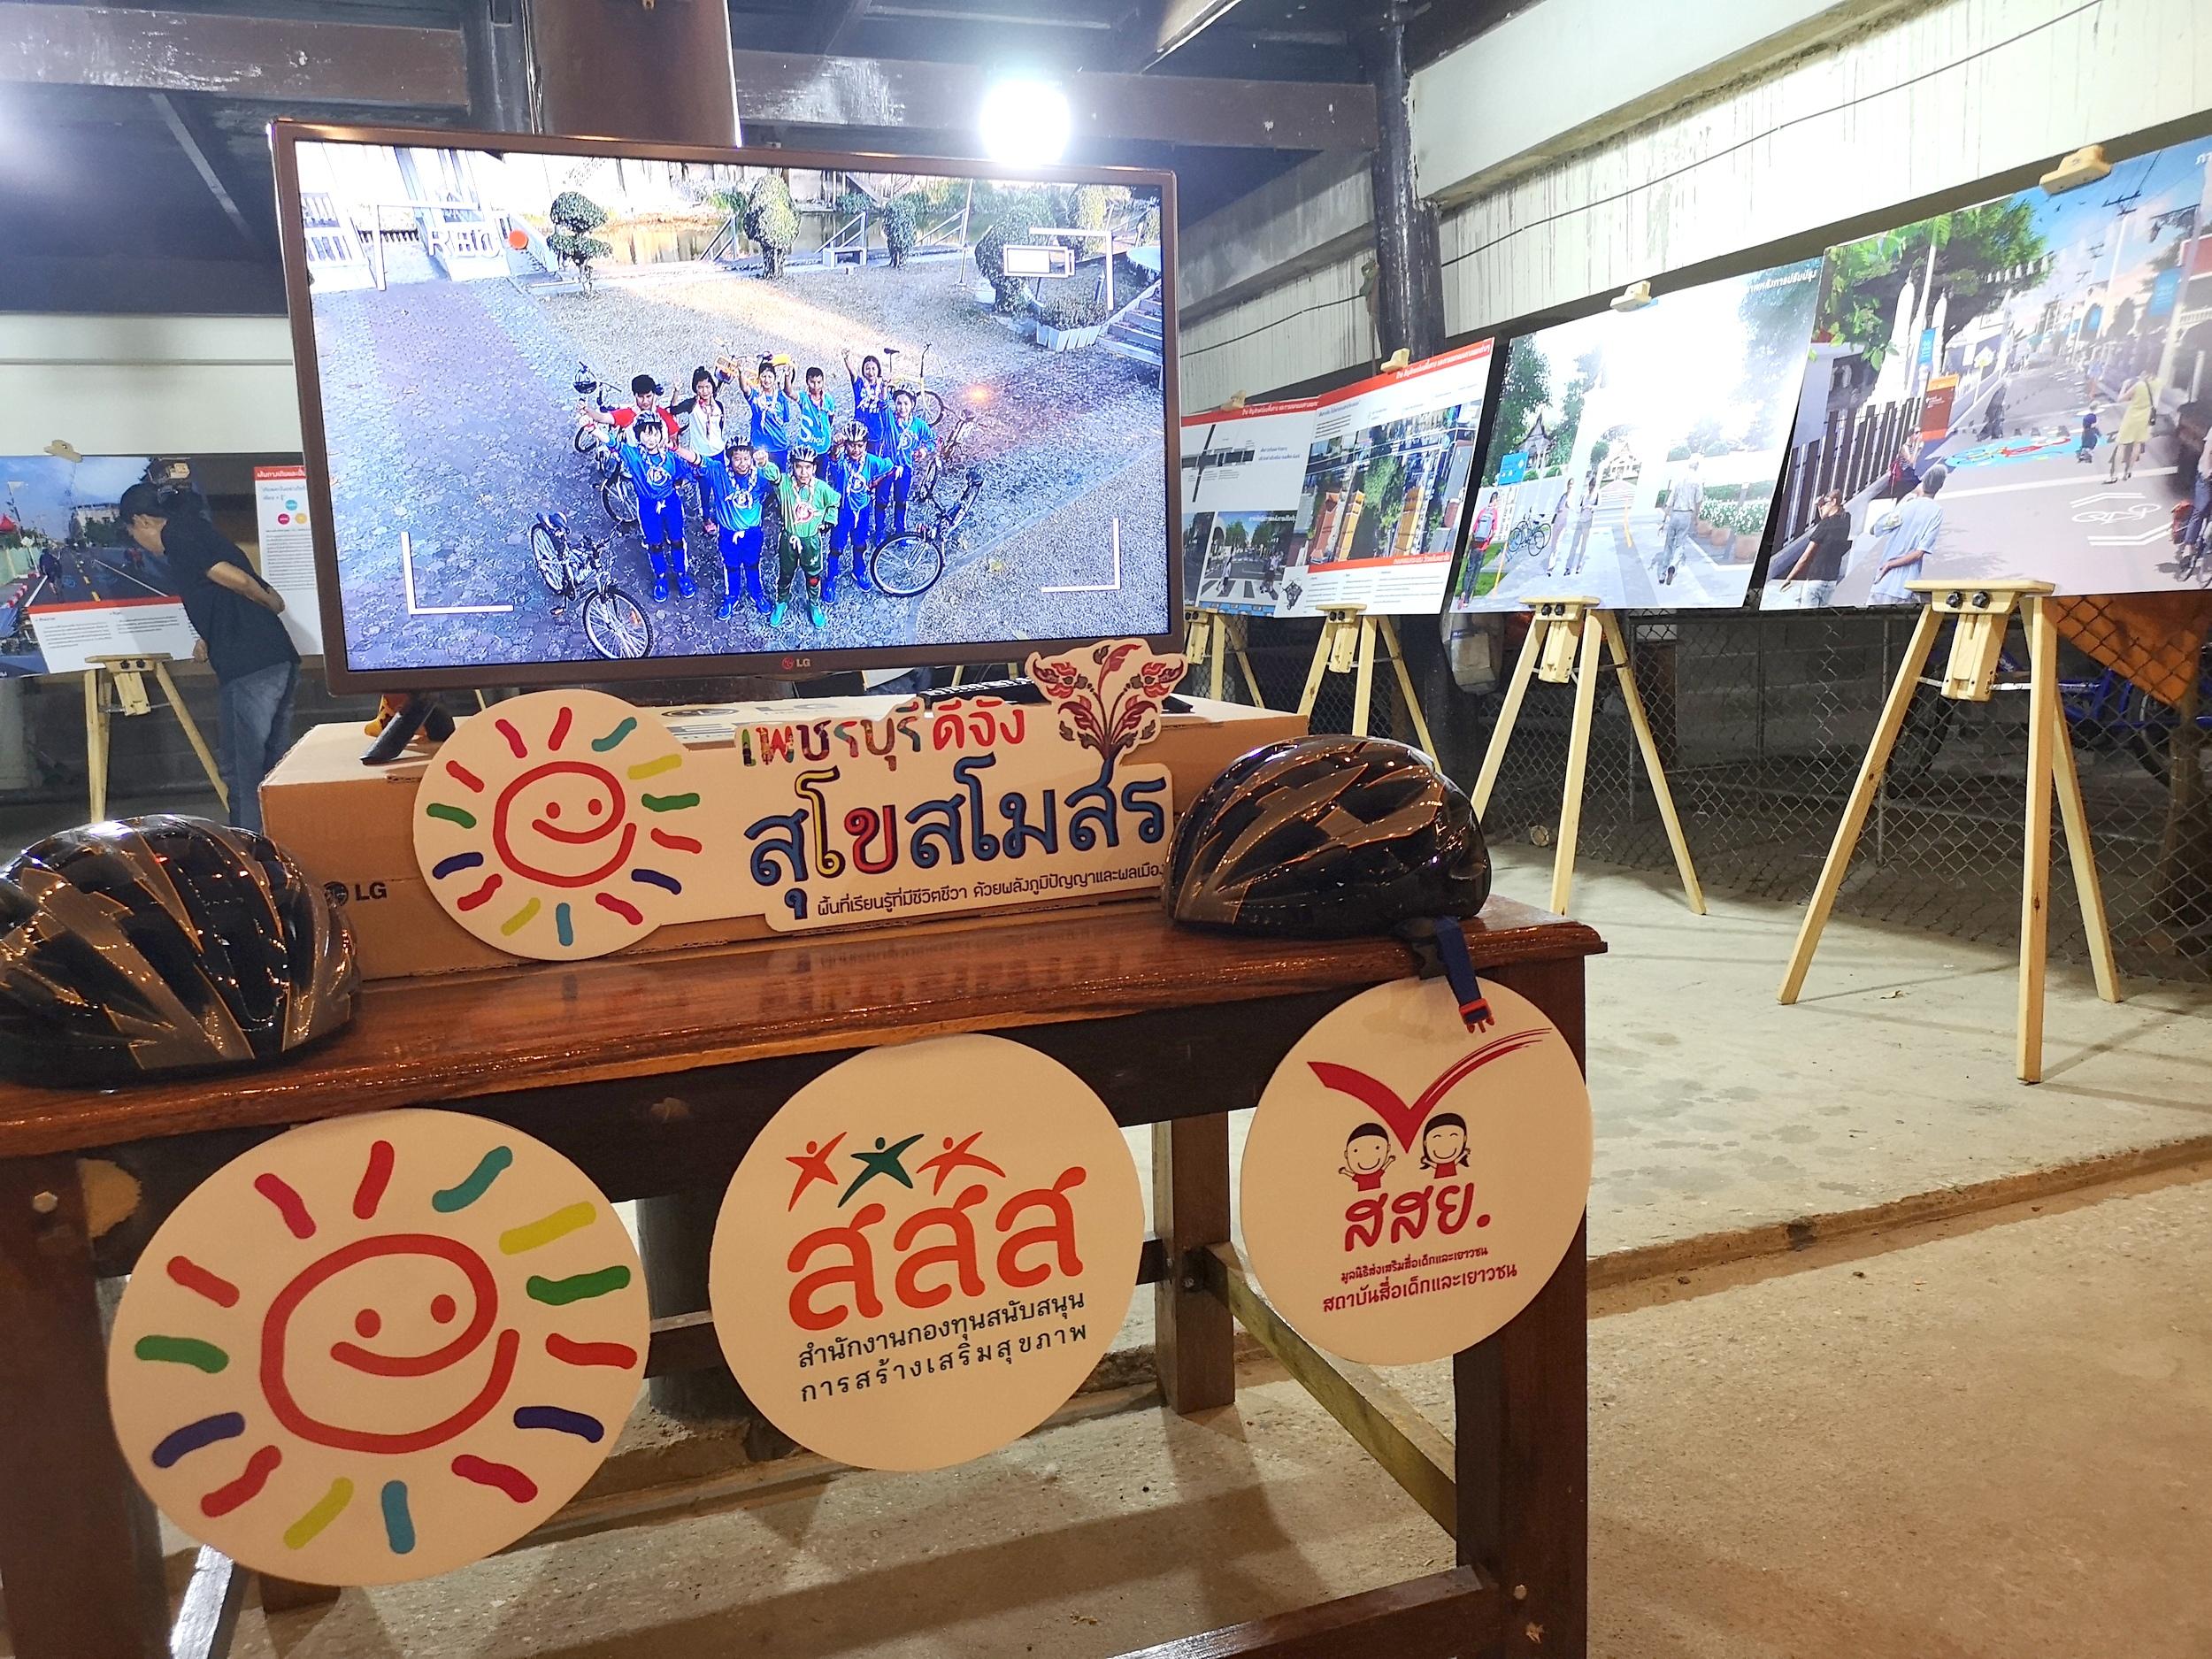 'เพชรบุรี ดีจัง' อัศจรรย์ปิดเทอมเติมโลกเรียนรู้วัฒนธรรม thaihealth